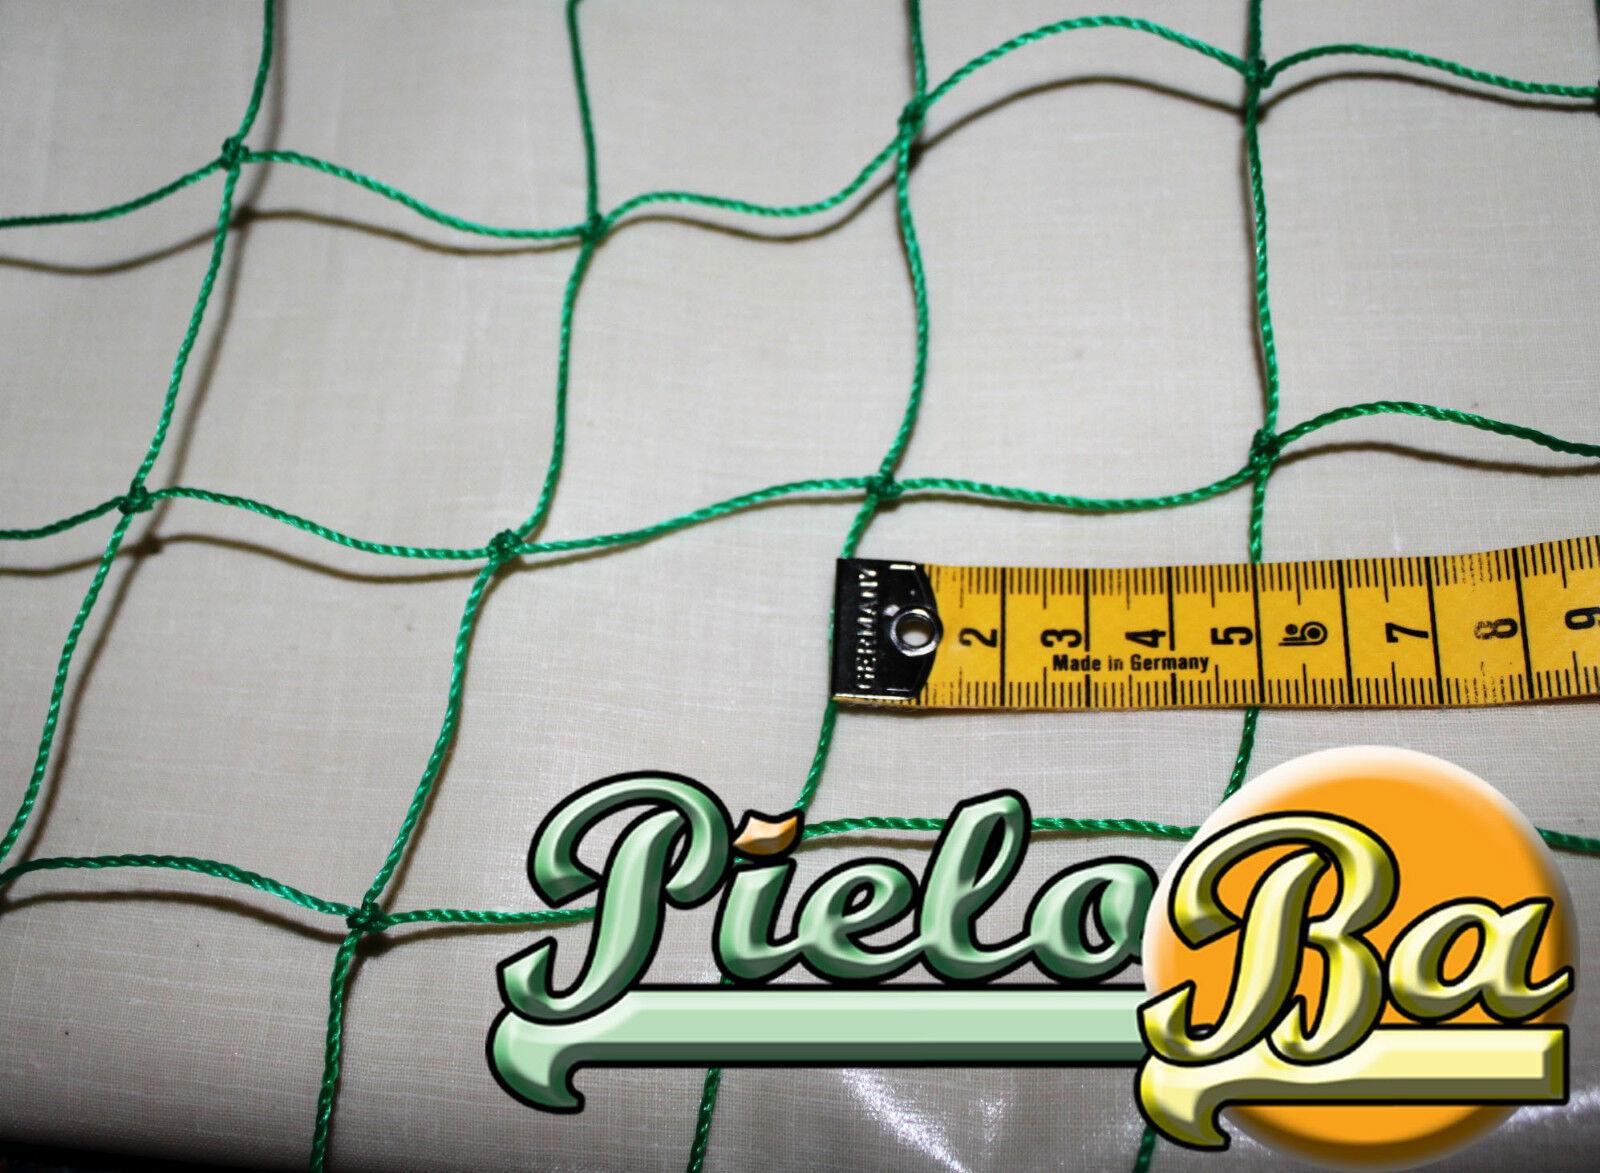 Geflügelzaun Geflügelnetz  Volieren  1,25 m x 100 m  green  Maschenweite 5 cm